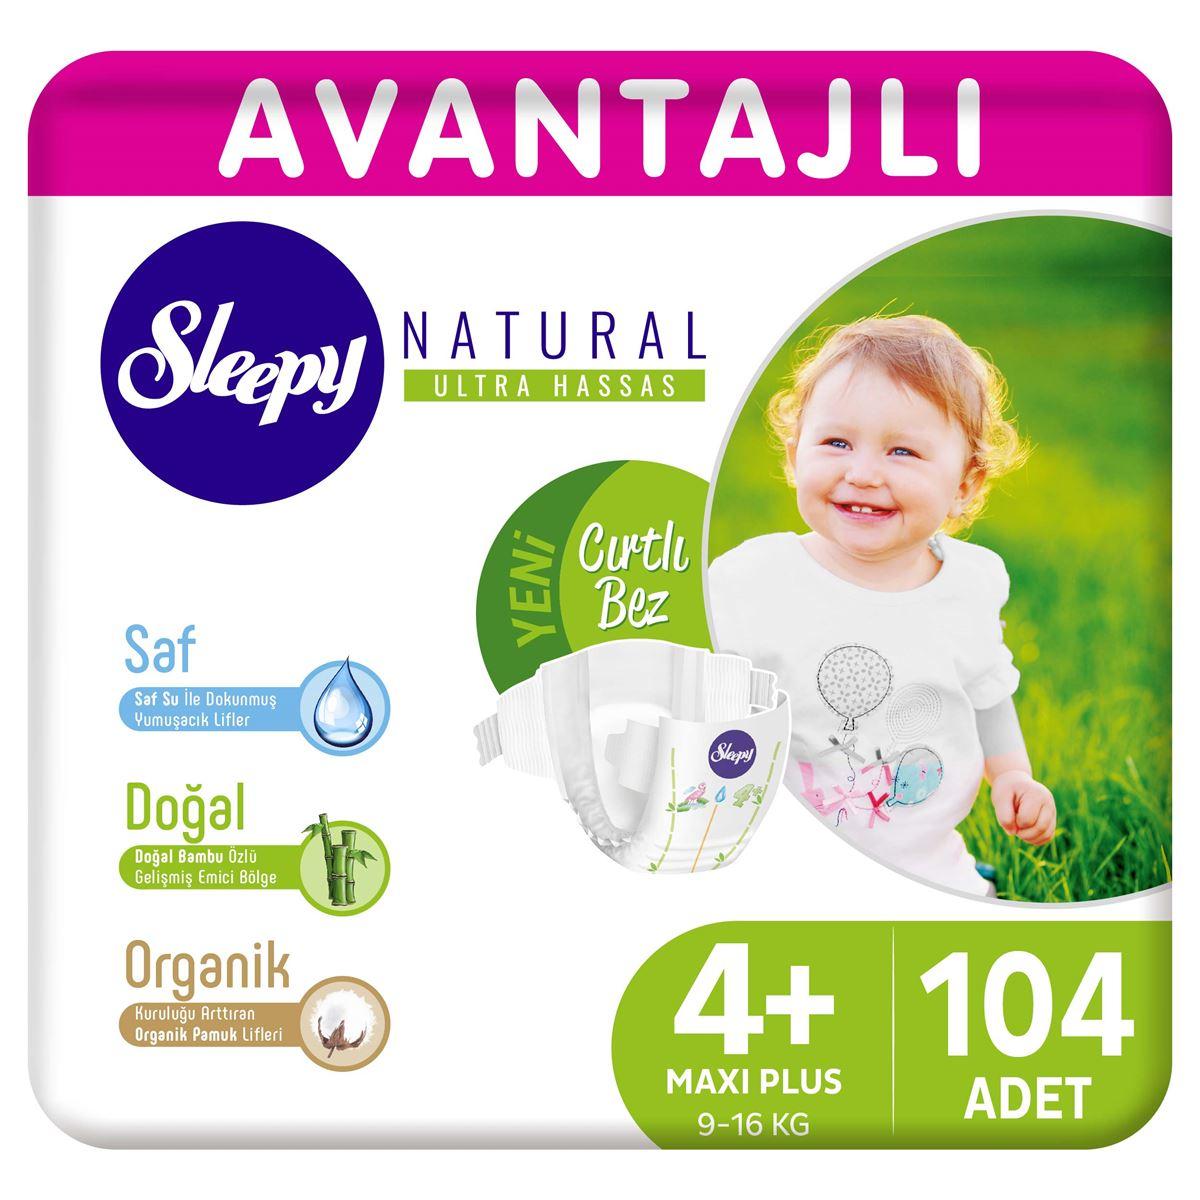 Sleepy Natural Avantajlı Bebek Bezi 4+ Numara Maxi Plus 104 Adet